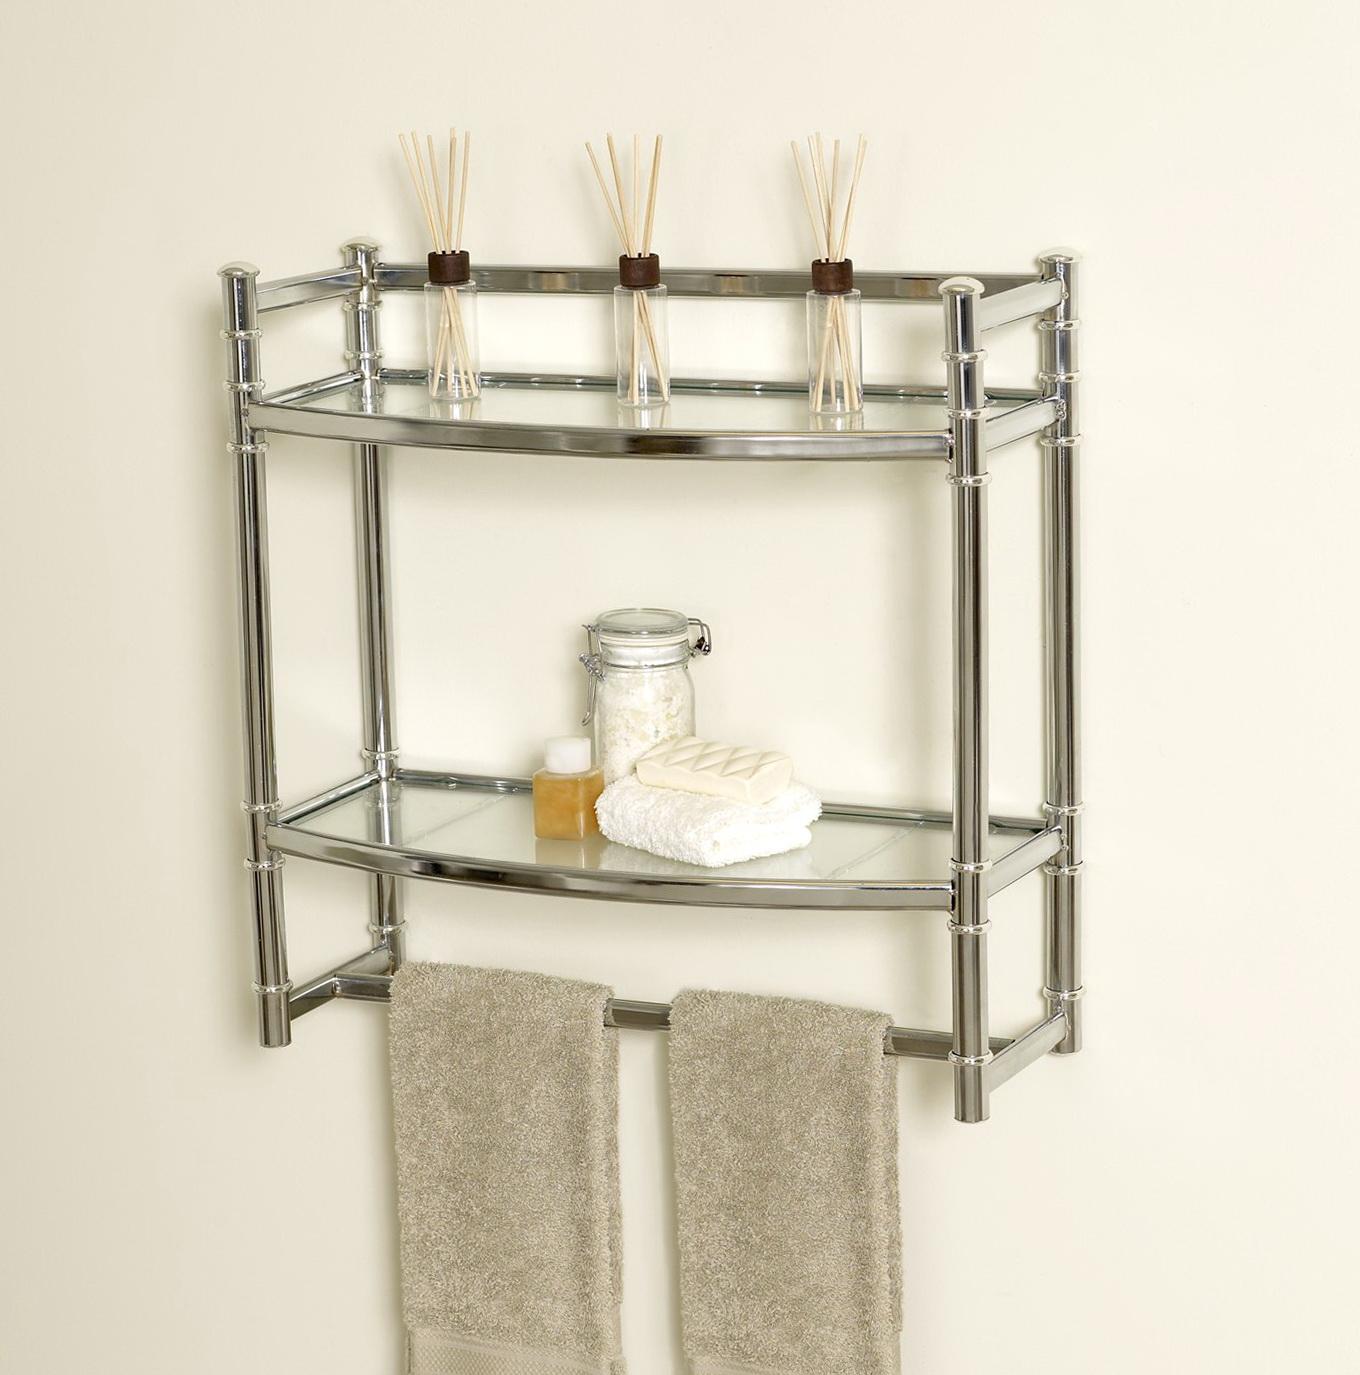 Brushed Nickel Bathroom Wall Shelf